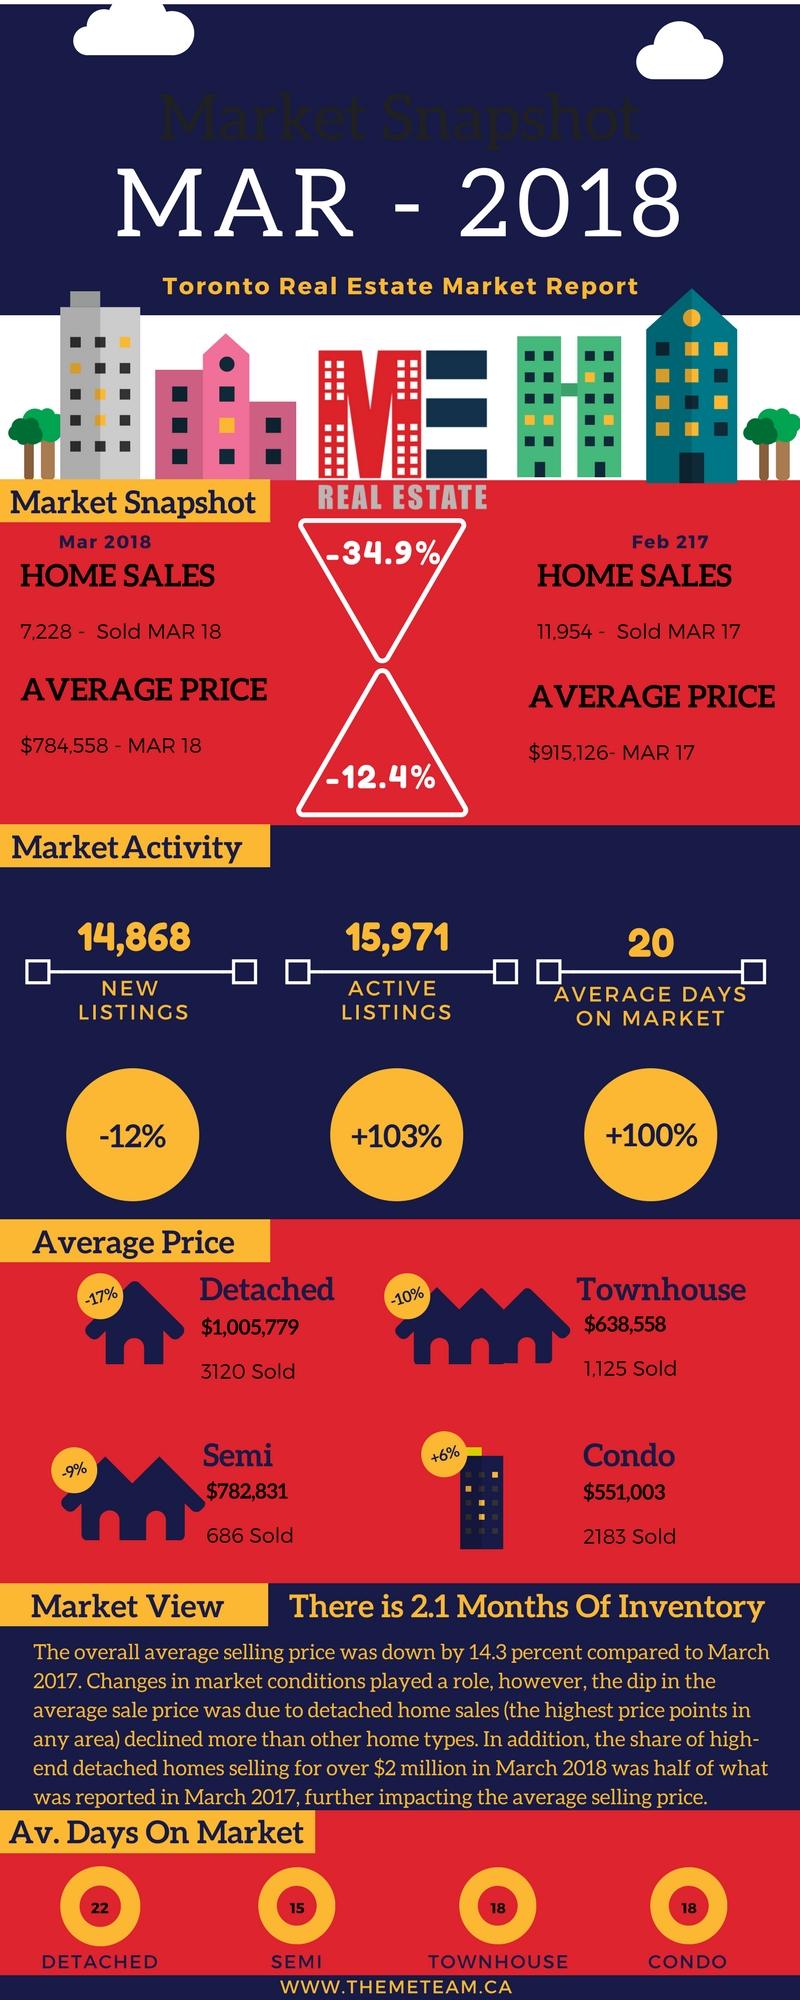 Mar 18 GTA Market Snapshot.jpg